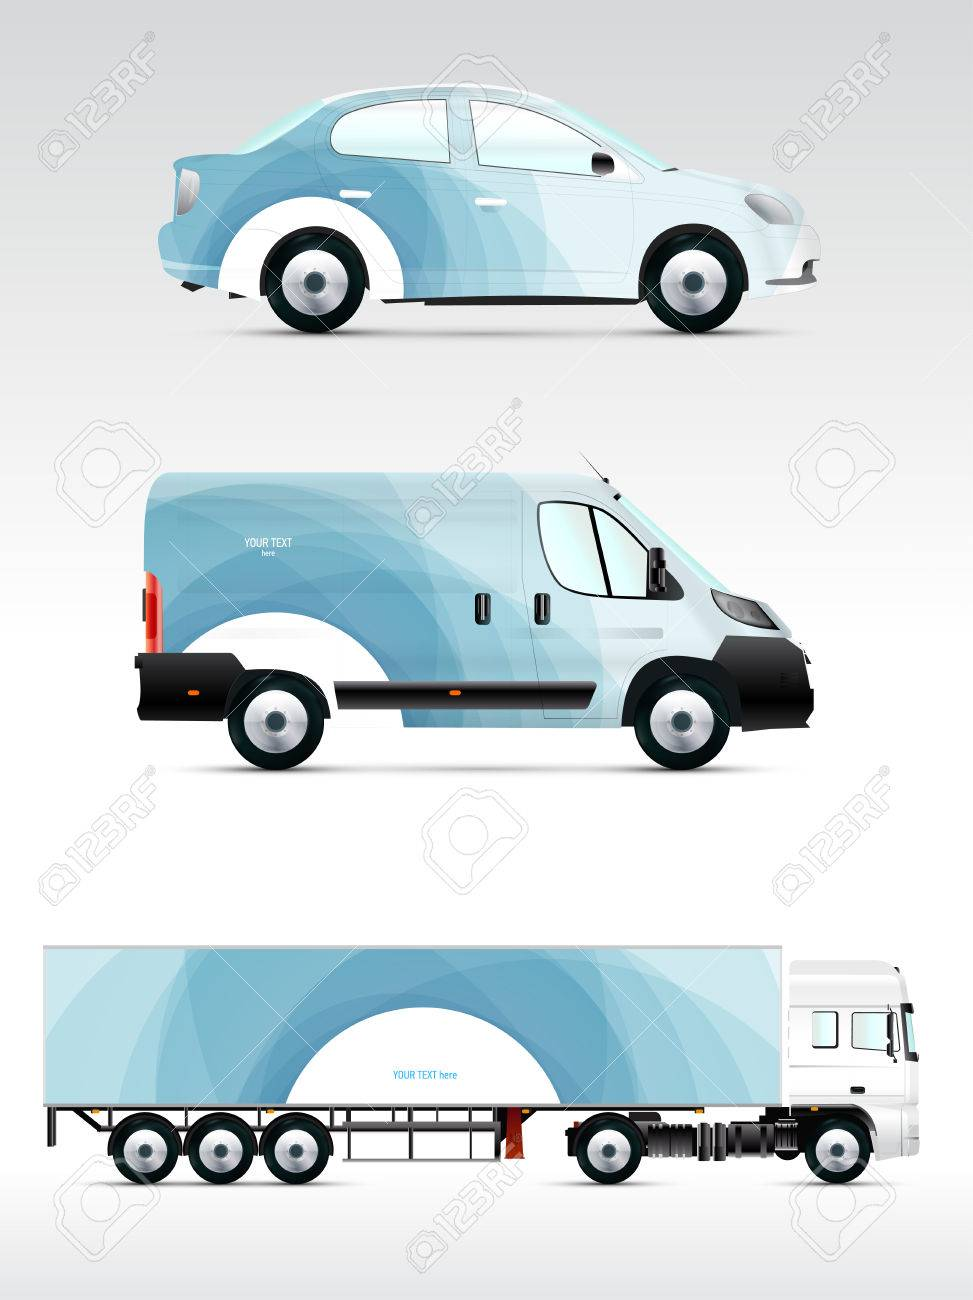 Fantastisch Lkw Leasing Vorlage Fotos - Bilder für das Lebenslauf ...